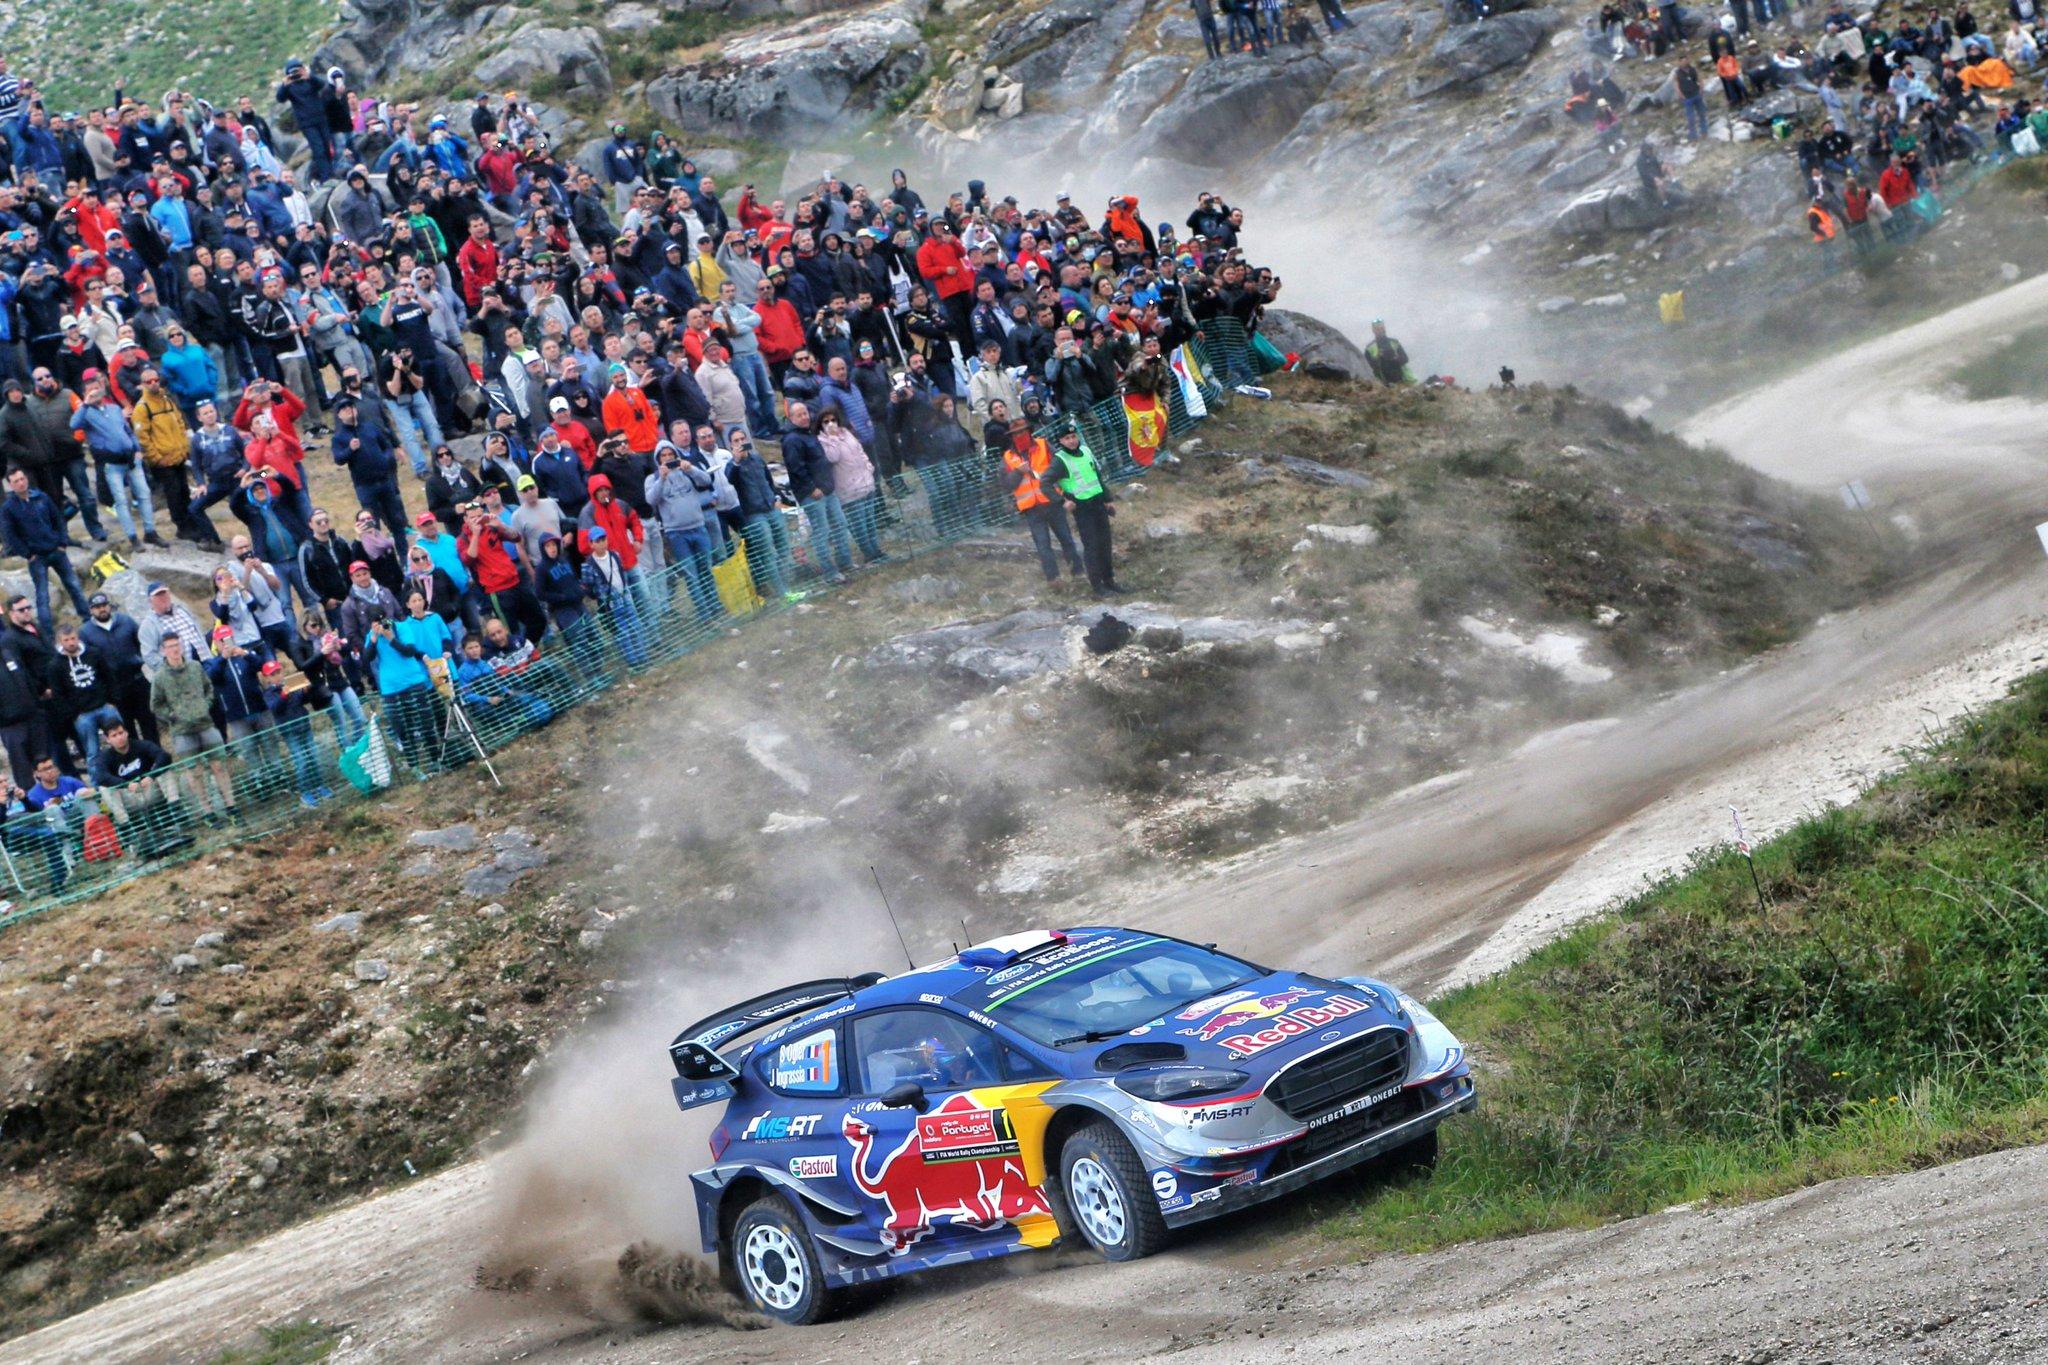 Rally de Portugal 2017 - Página 4 DAR6-xWXcAAr-hH